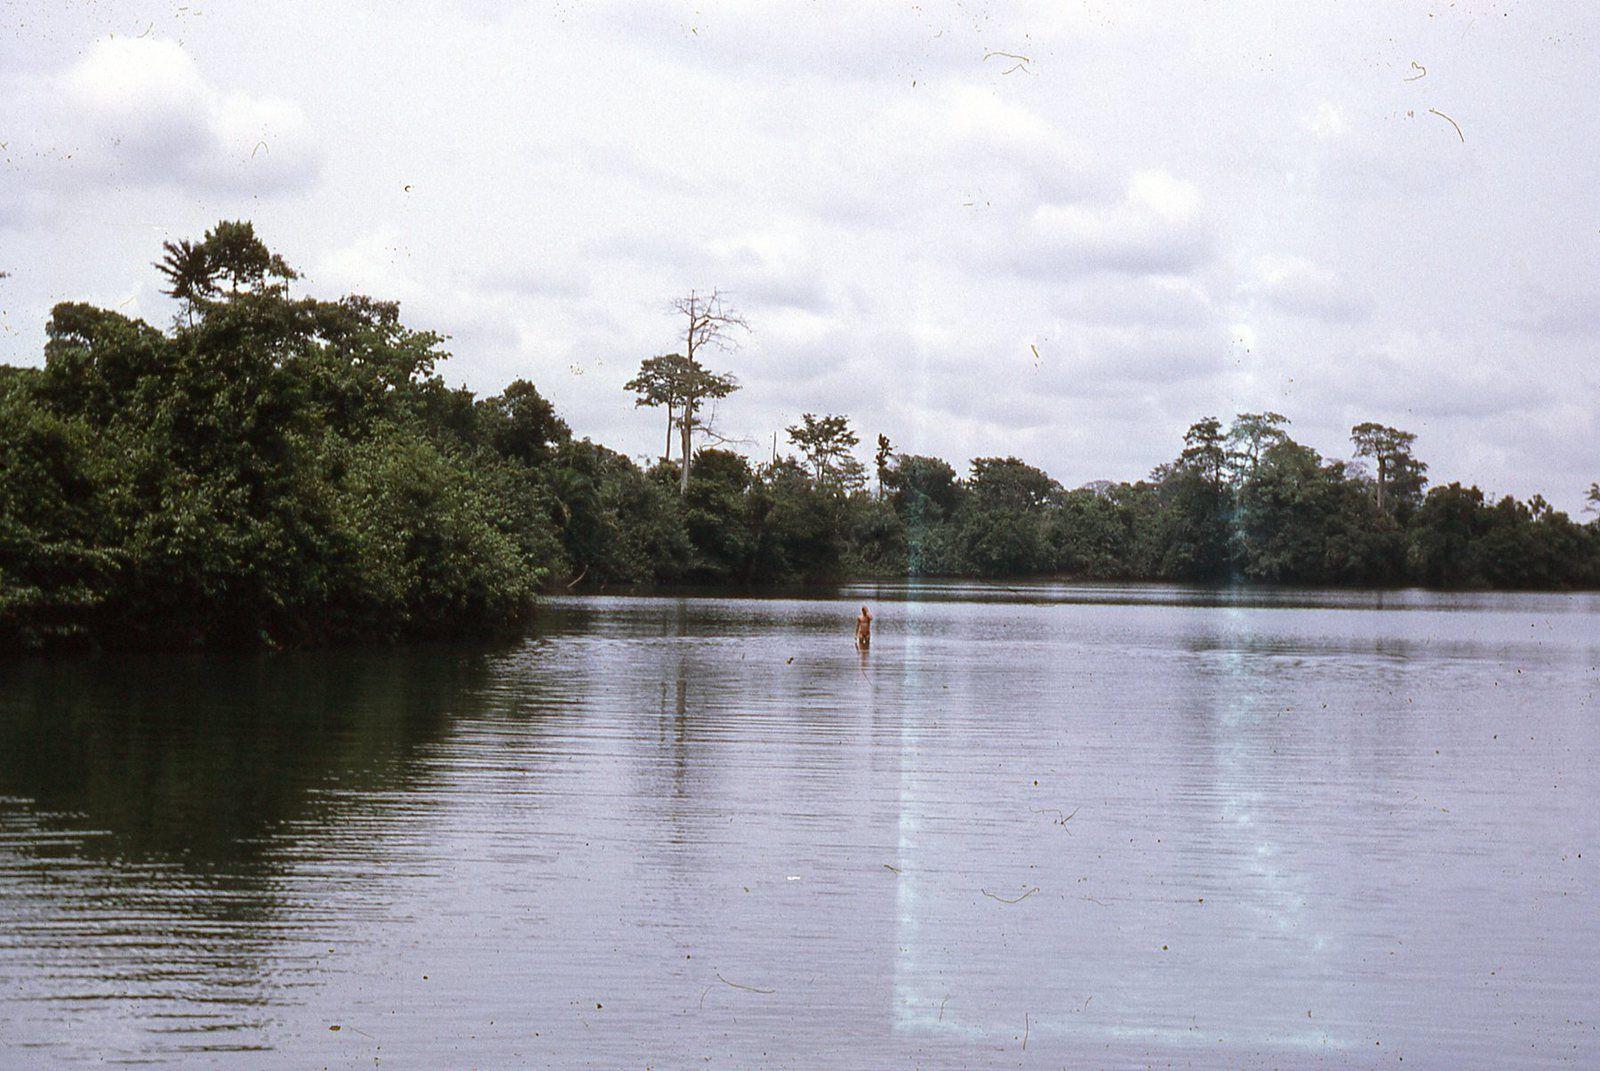 Le lac bleu très clair et plein de grandes  tortues